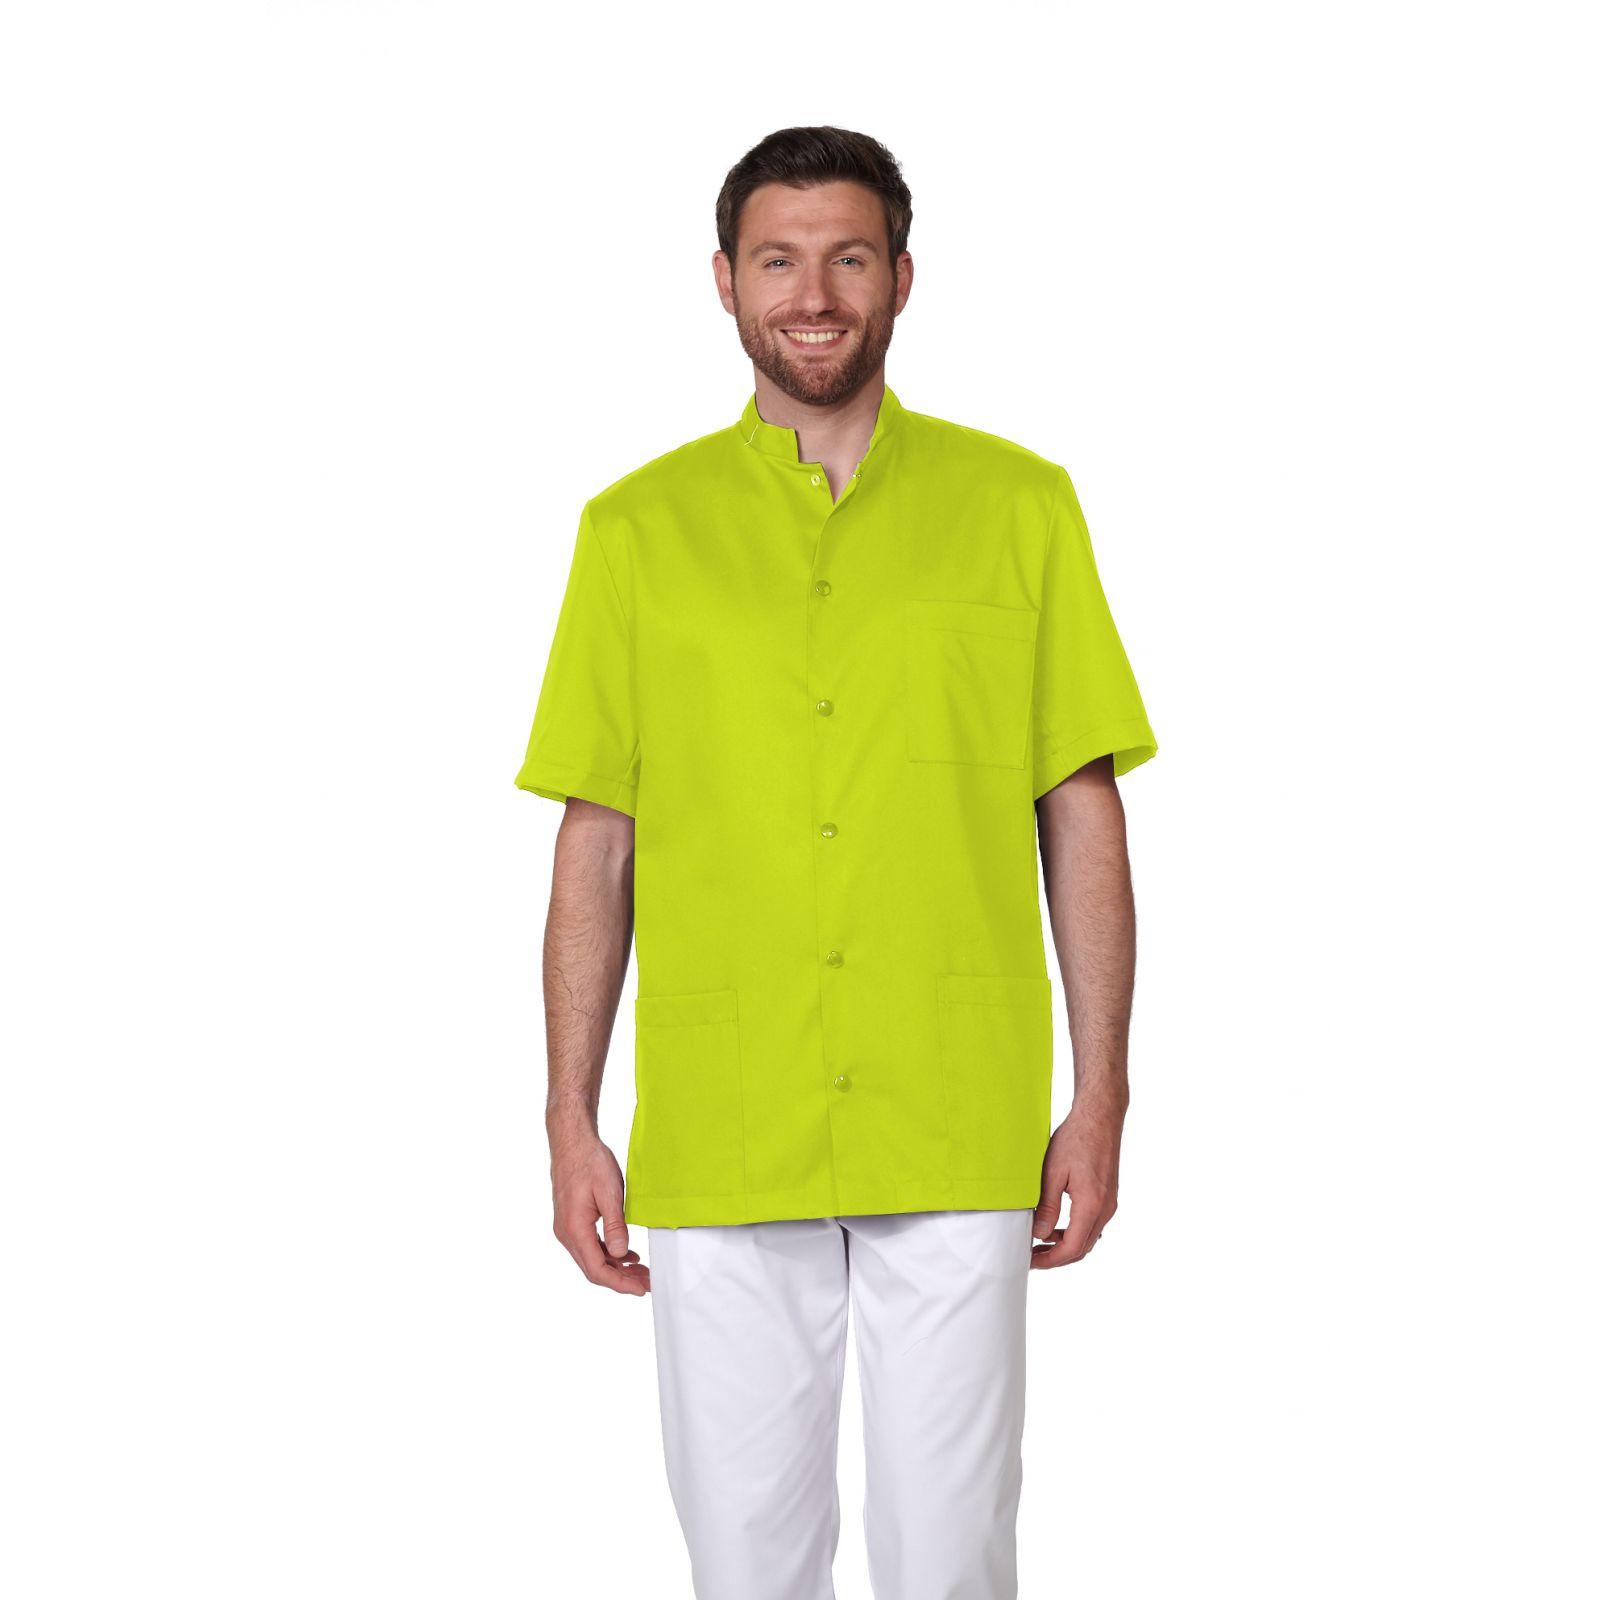 Blouse Médicale Homme Trendy, couleur Citron Vert, vue de face, Camille Lavandie (007)